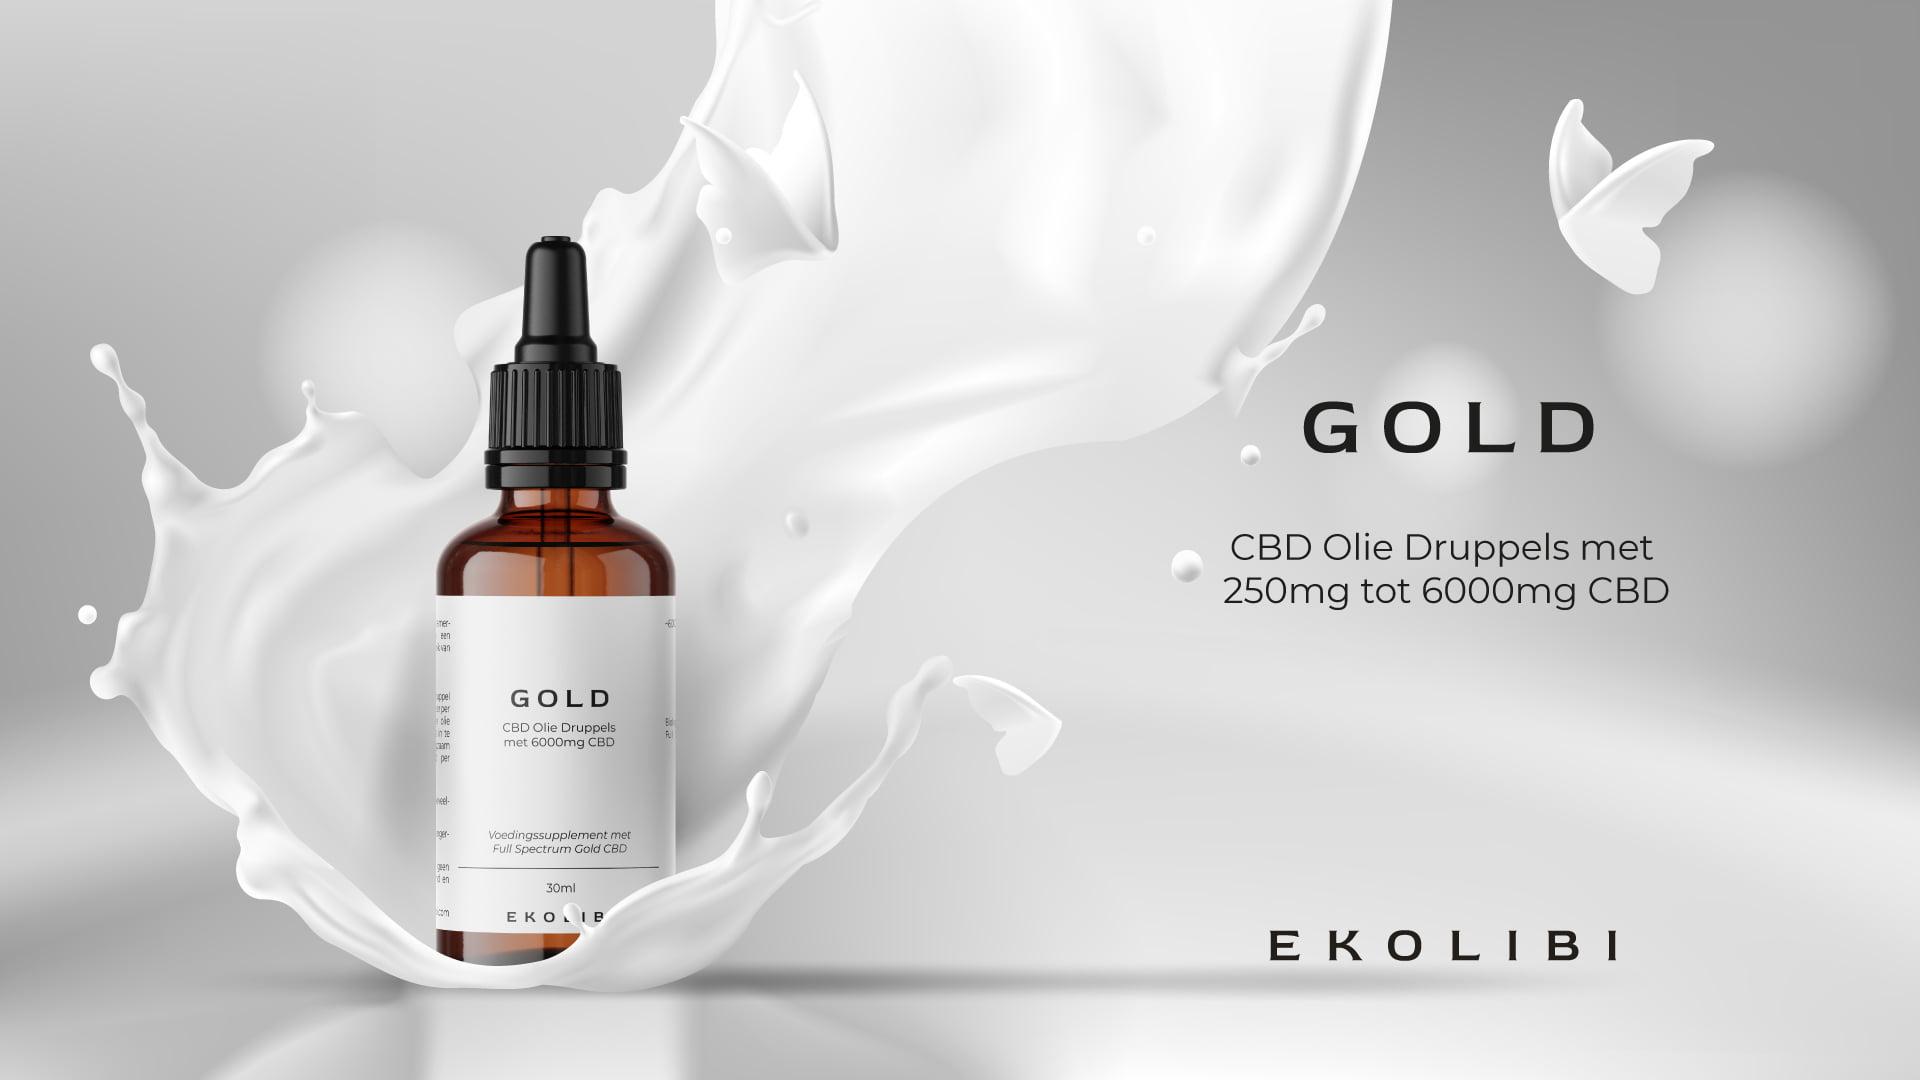 Ekolibi Gold CBD productpagina